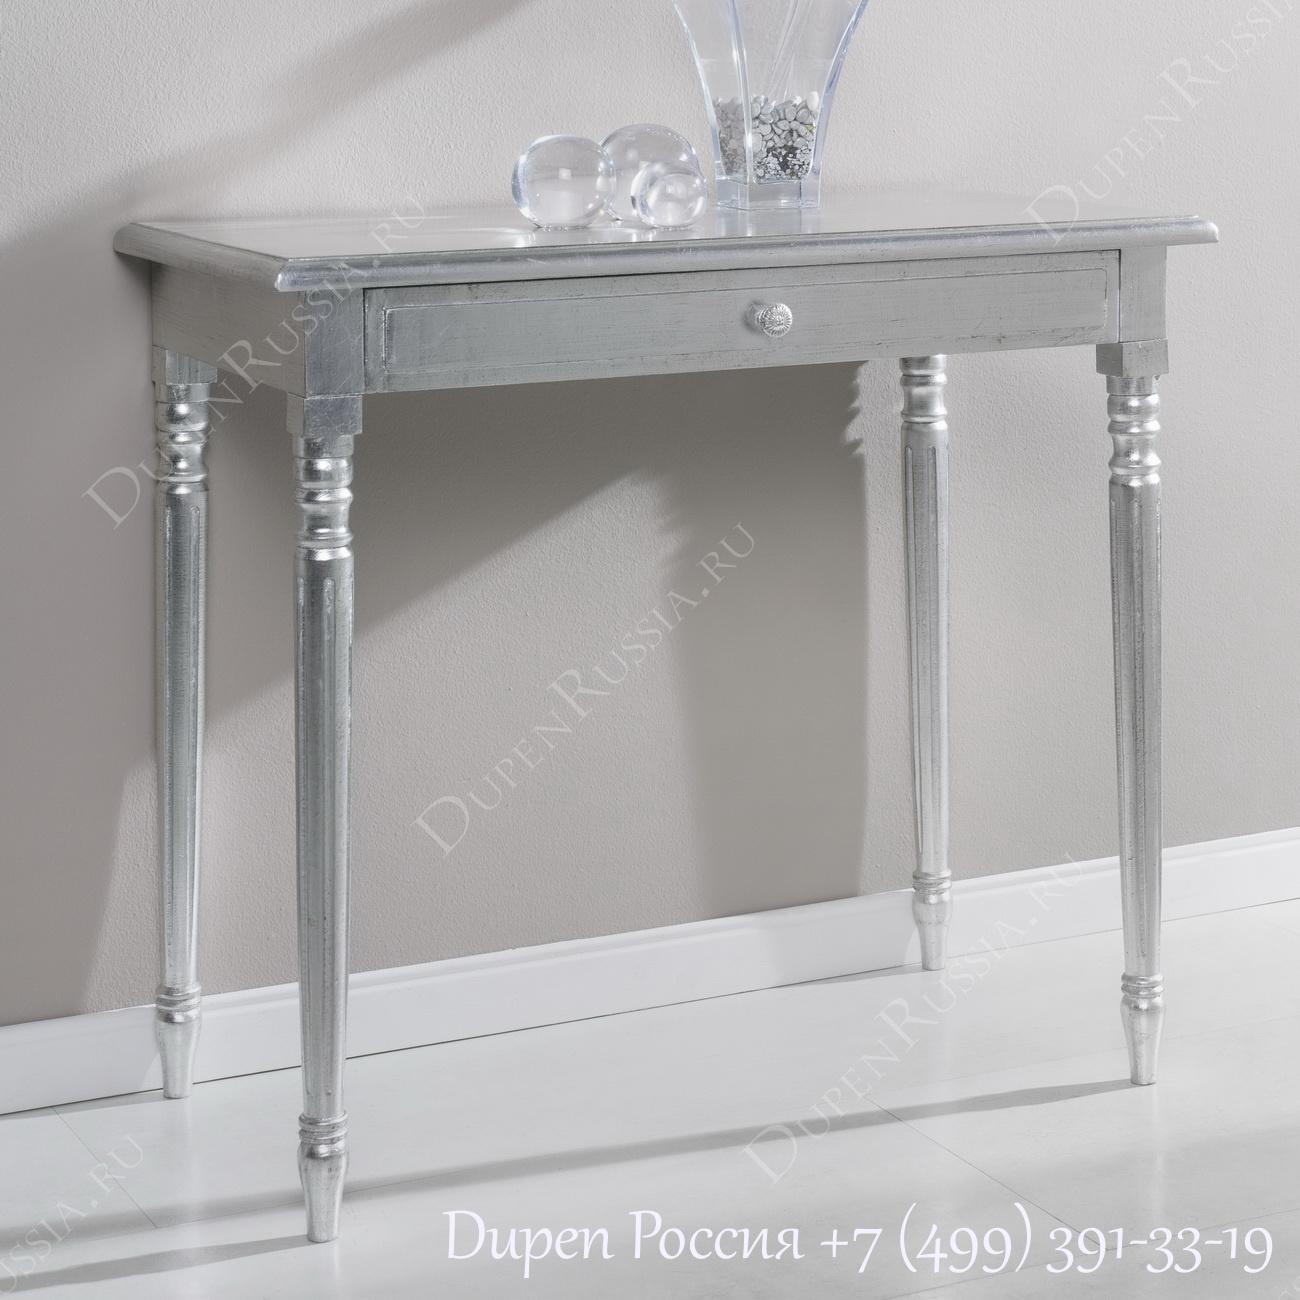 Консоль DUPEN К61 серебро